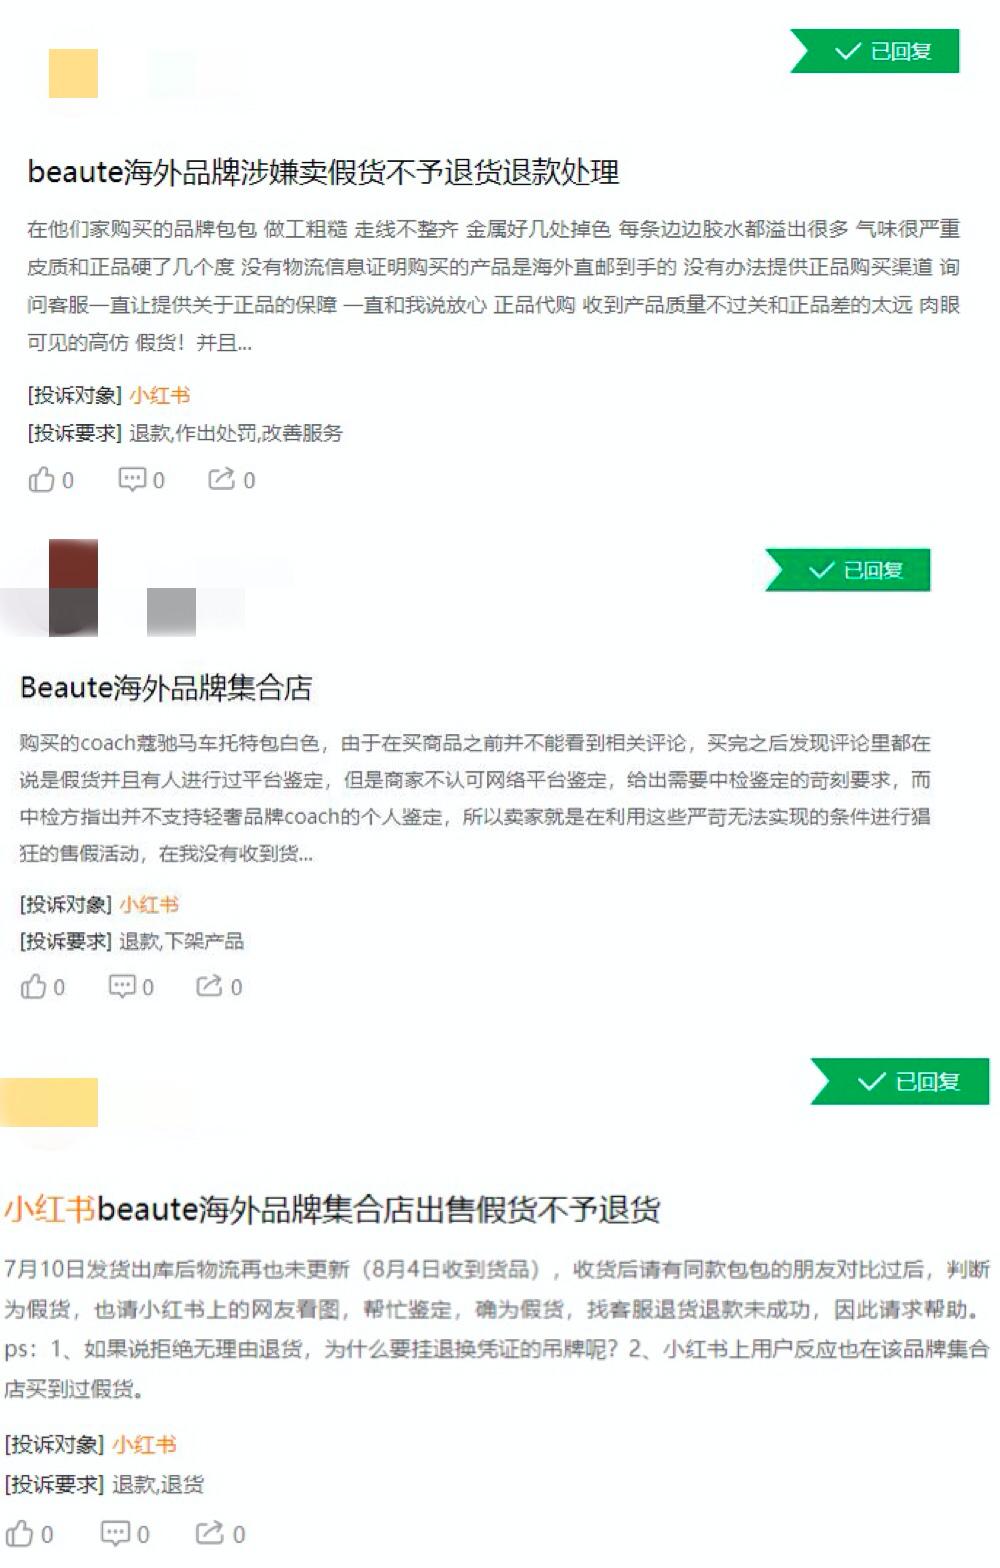 平台商家涉嫌售假遭投诉,小红书:监管会越来越严